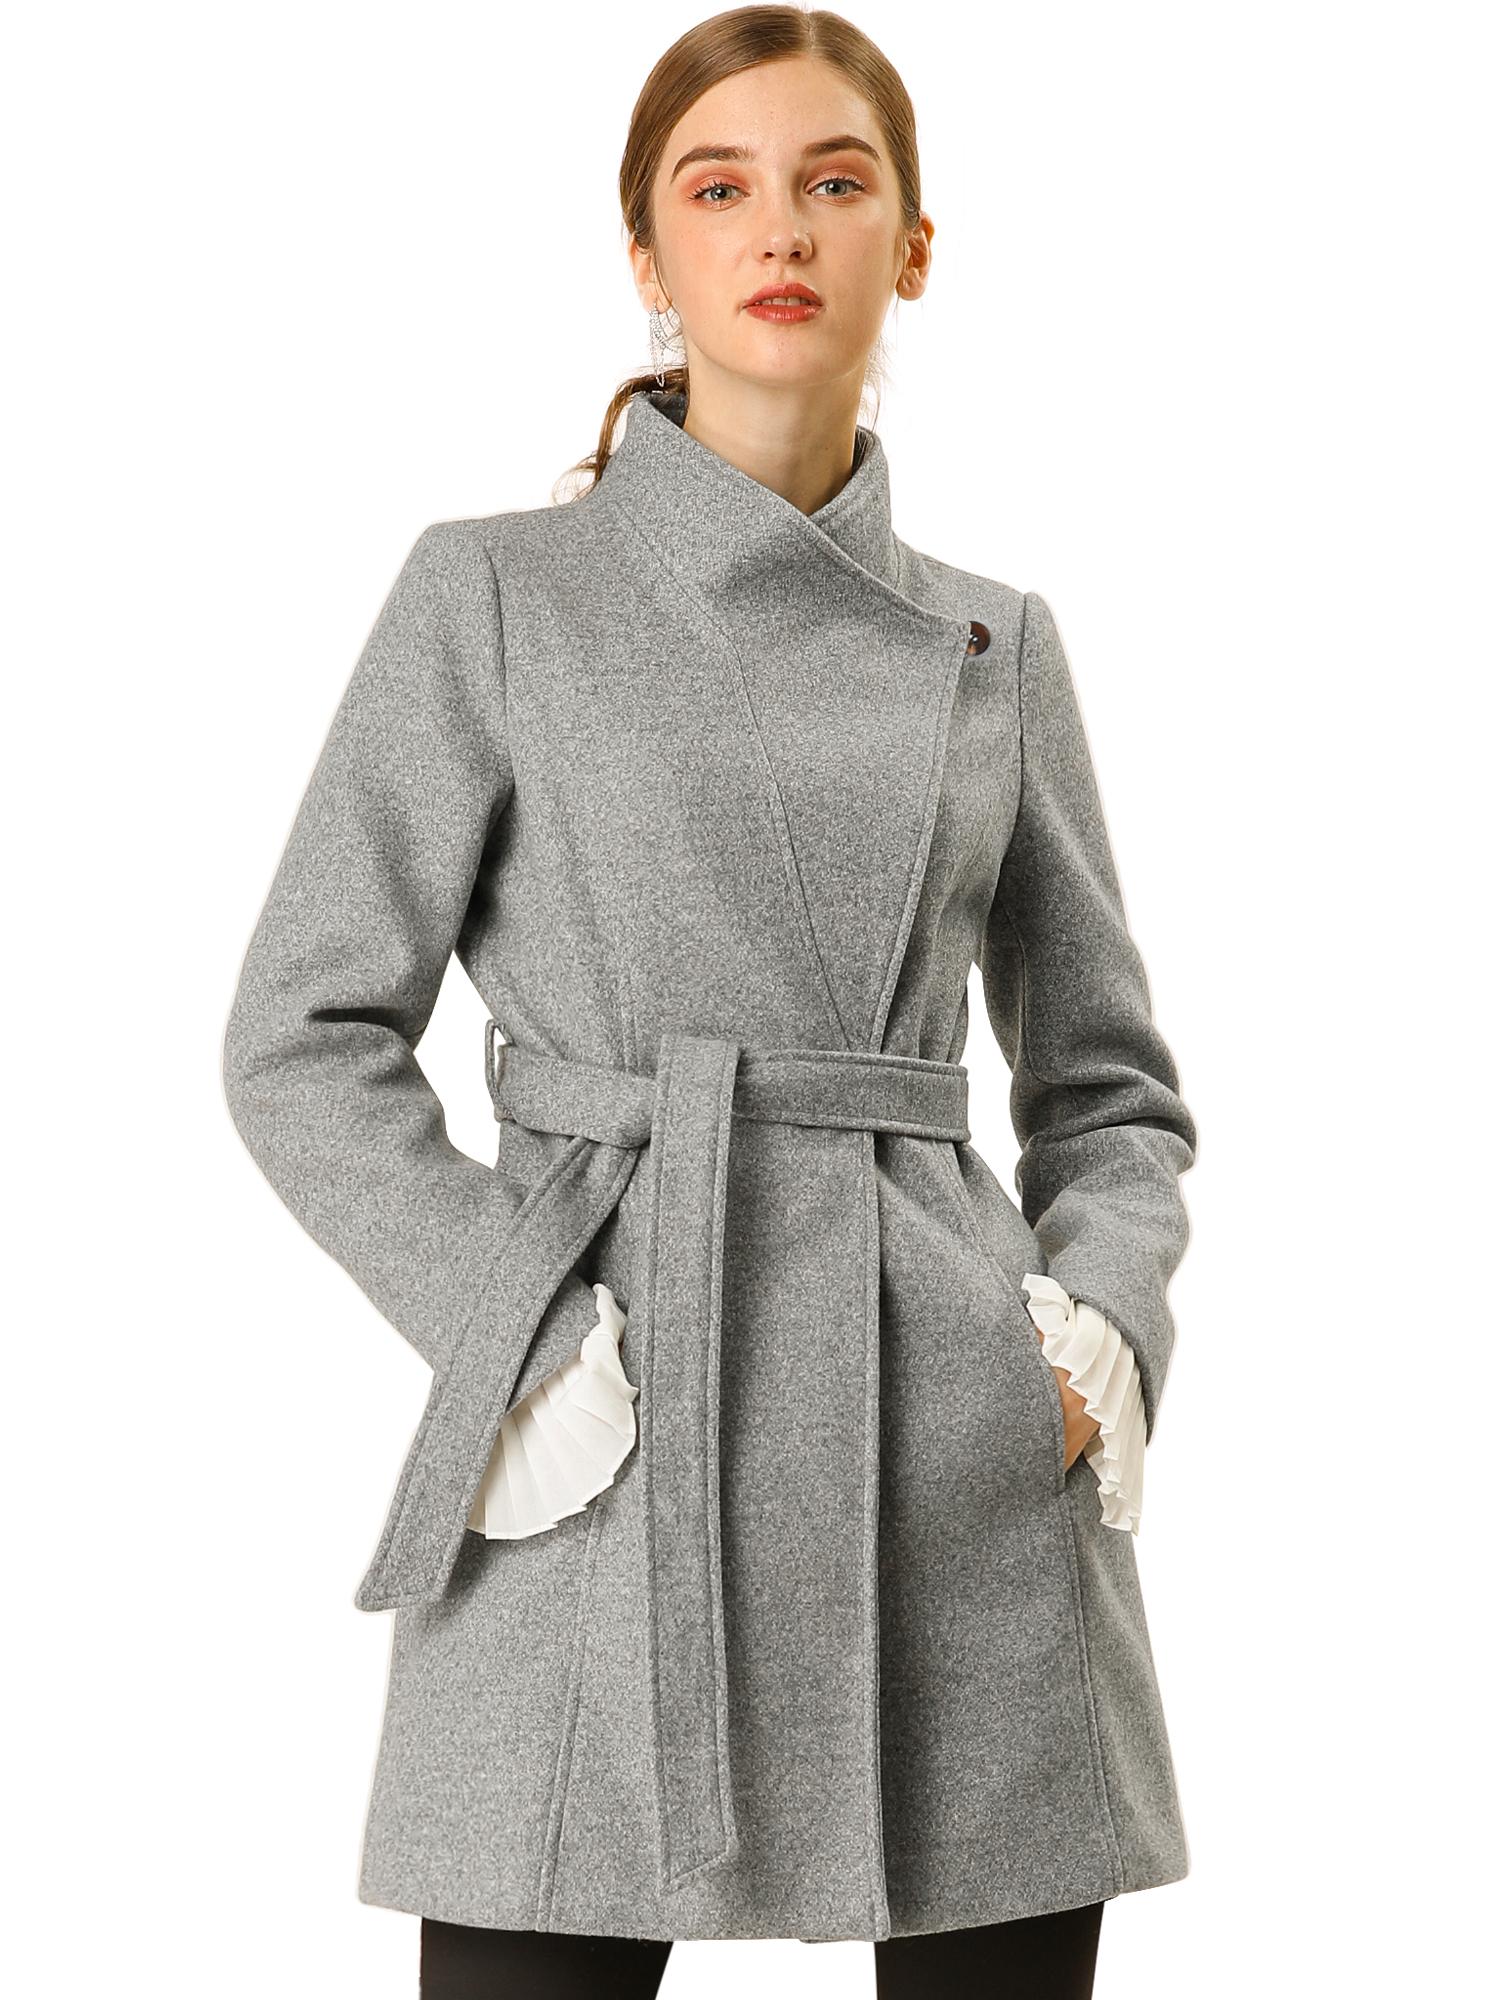 Allegra K Women's Stand Collar Tie Waist Casual Coat Grey XL